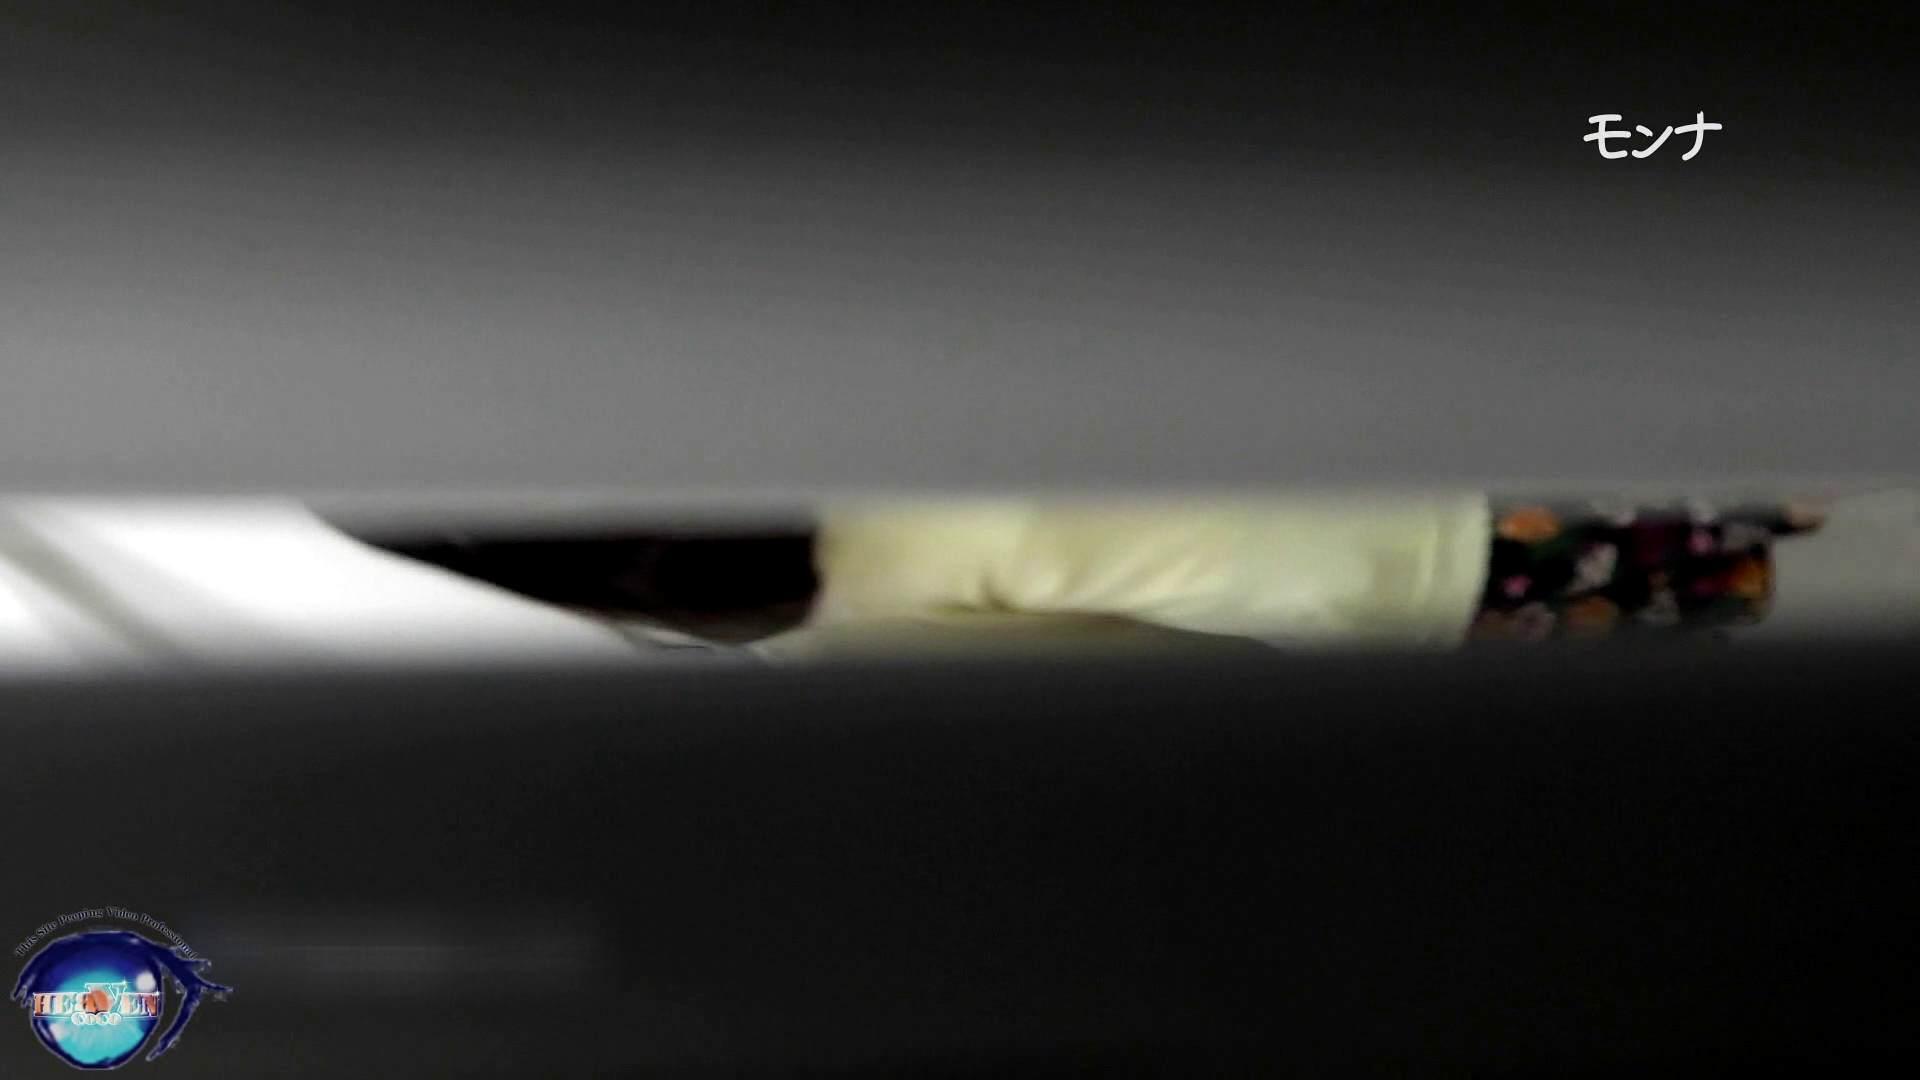 無修正エロ動画:【美しい日本の未来】美しい日本の未来 No.108 後編:のぞき本舗 中村屋